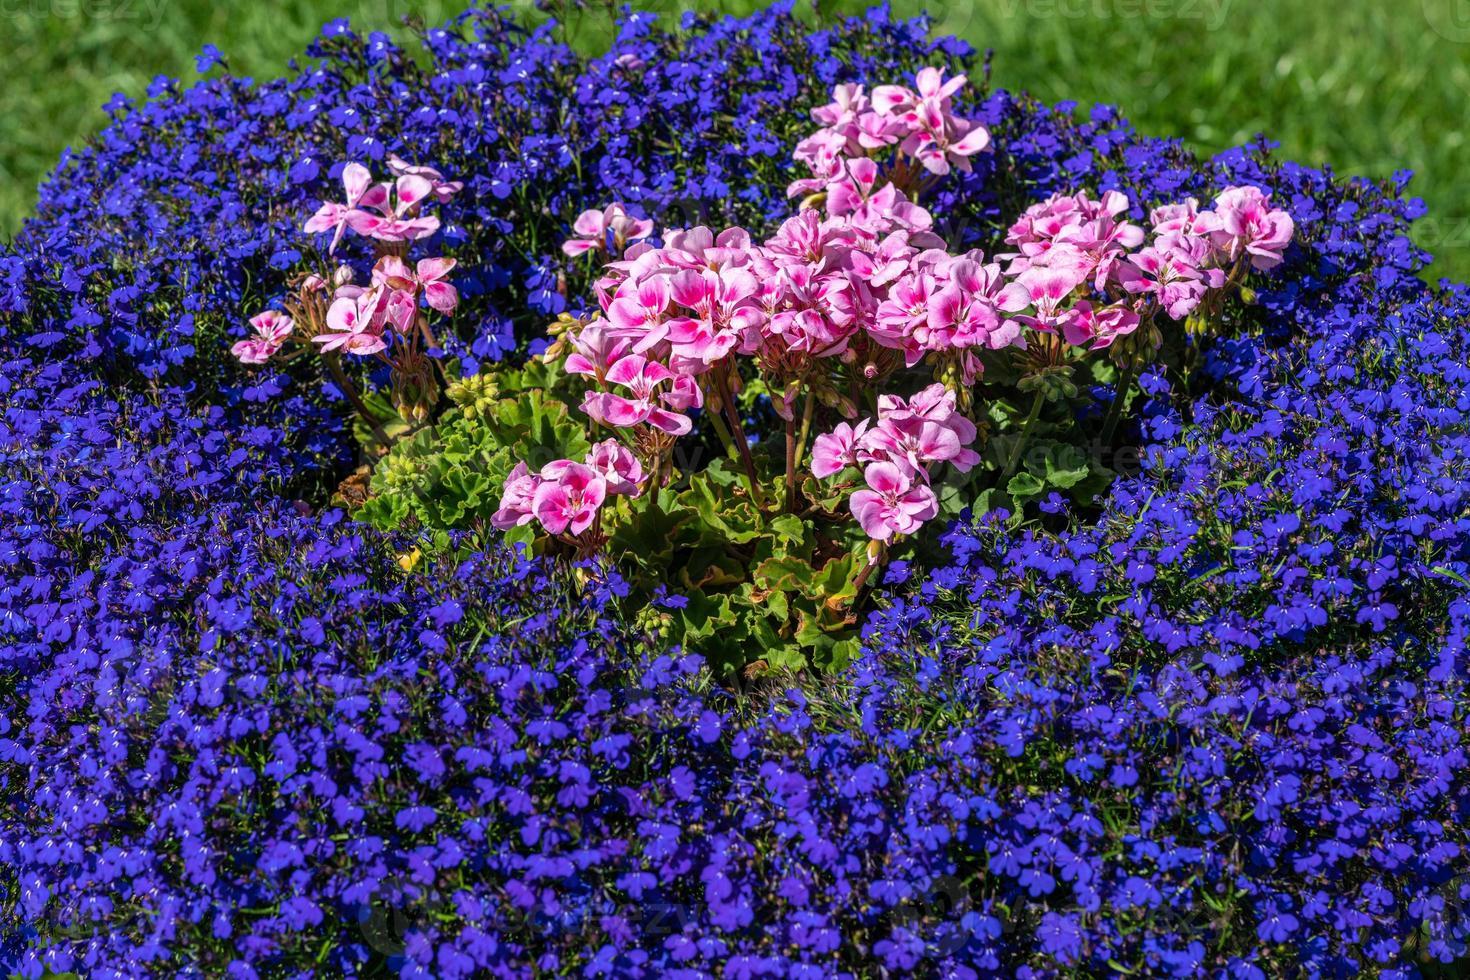 buntes Blumenbeet mit rosa und blauen Blumen foto